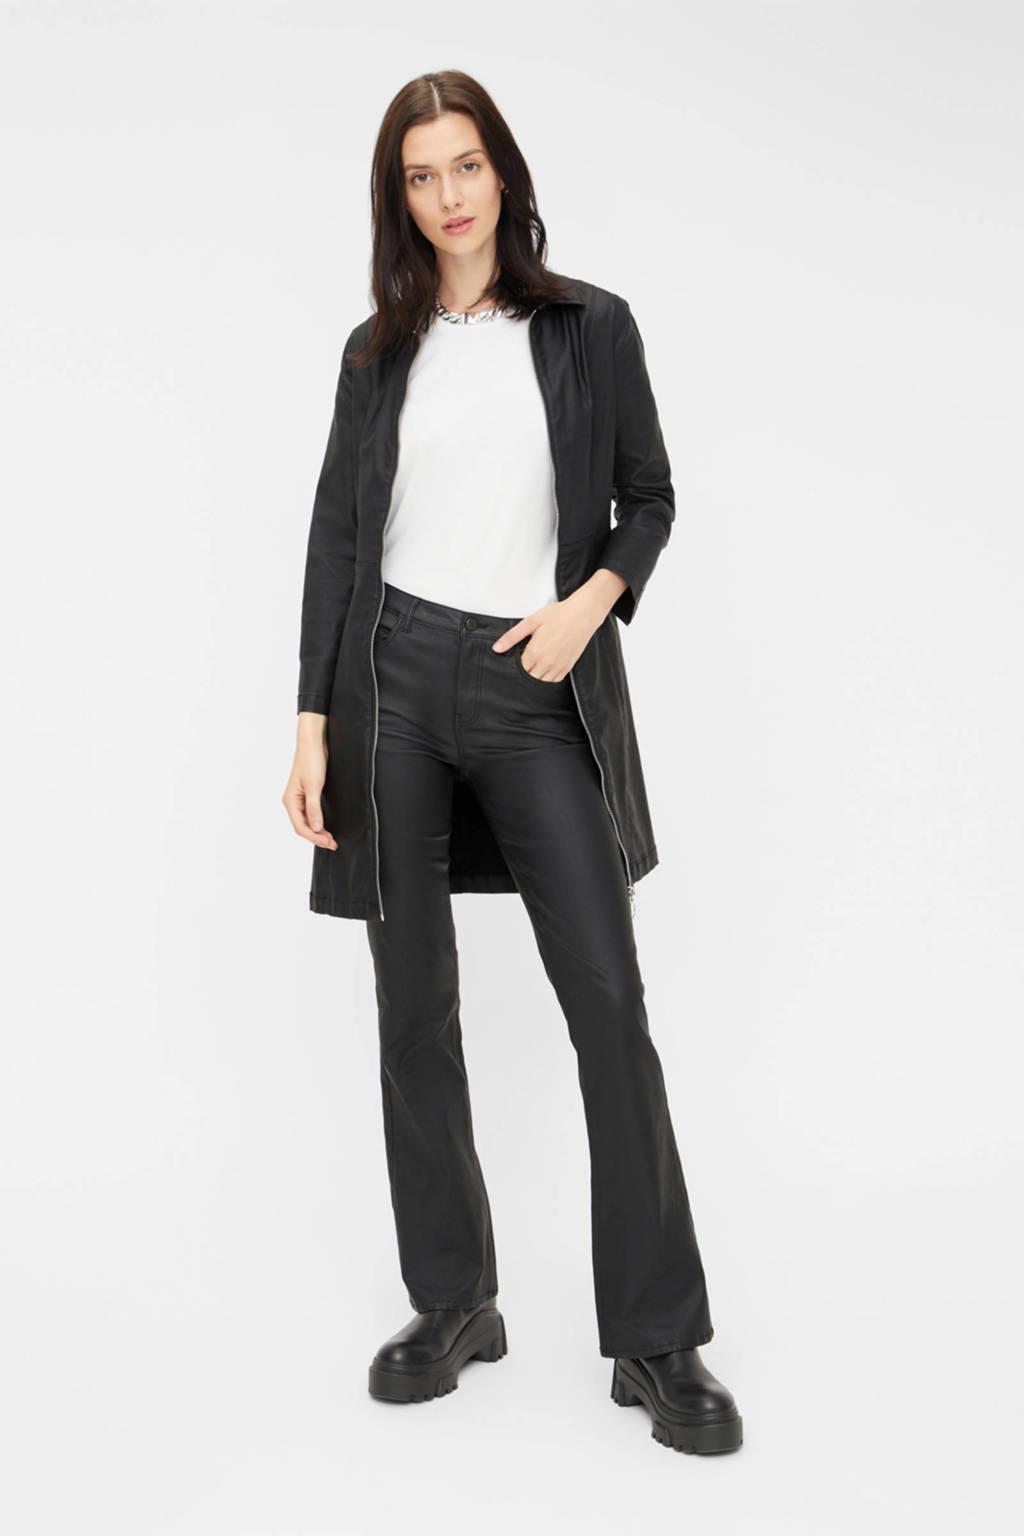 PIECES flared broek zwart, Zwart